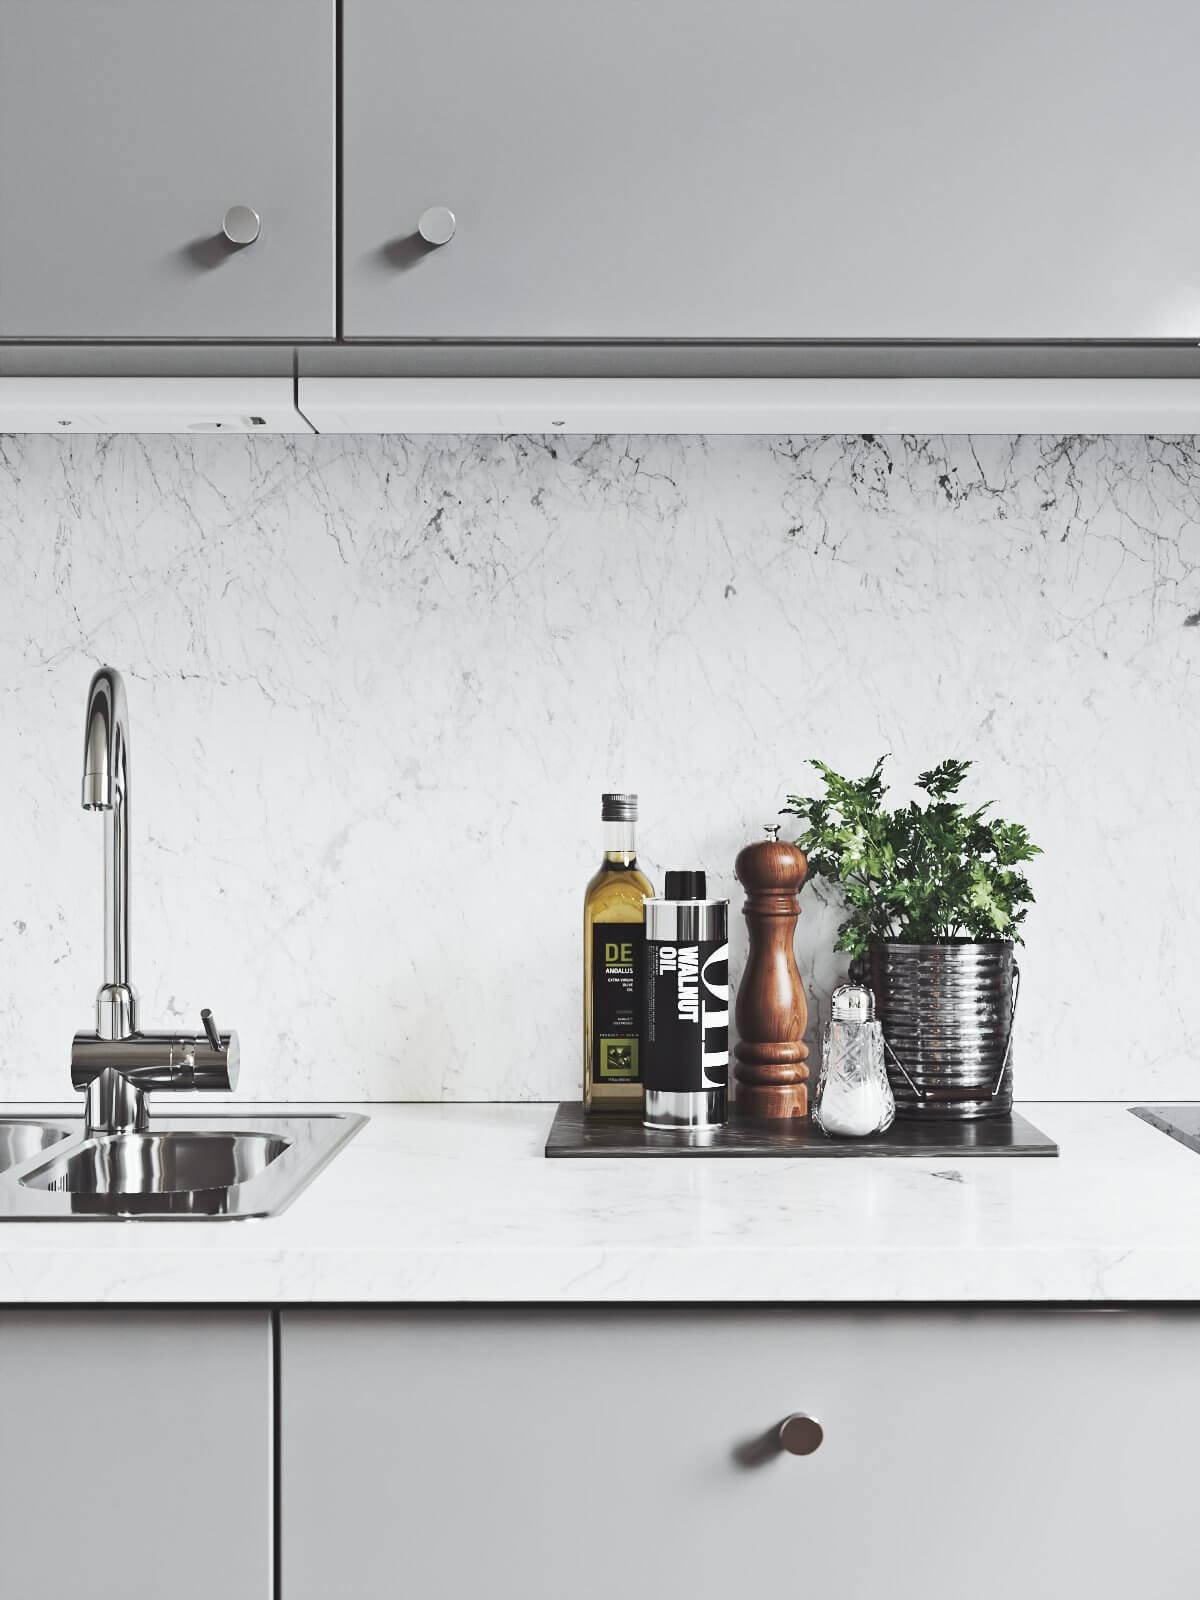 Scandinavian flat kitchen mixer - cgi visualization